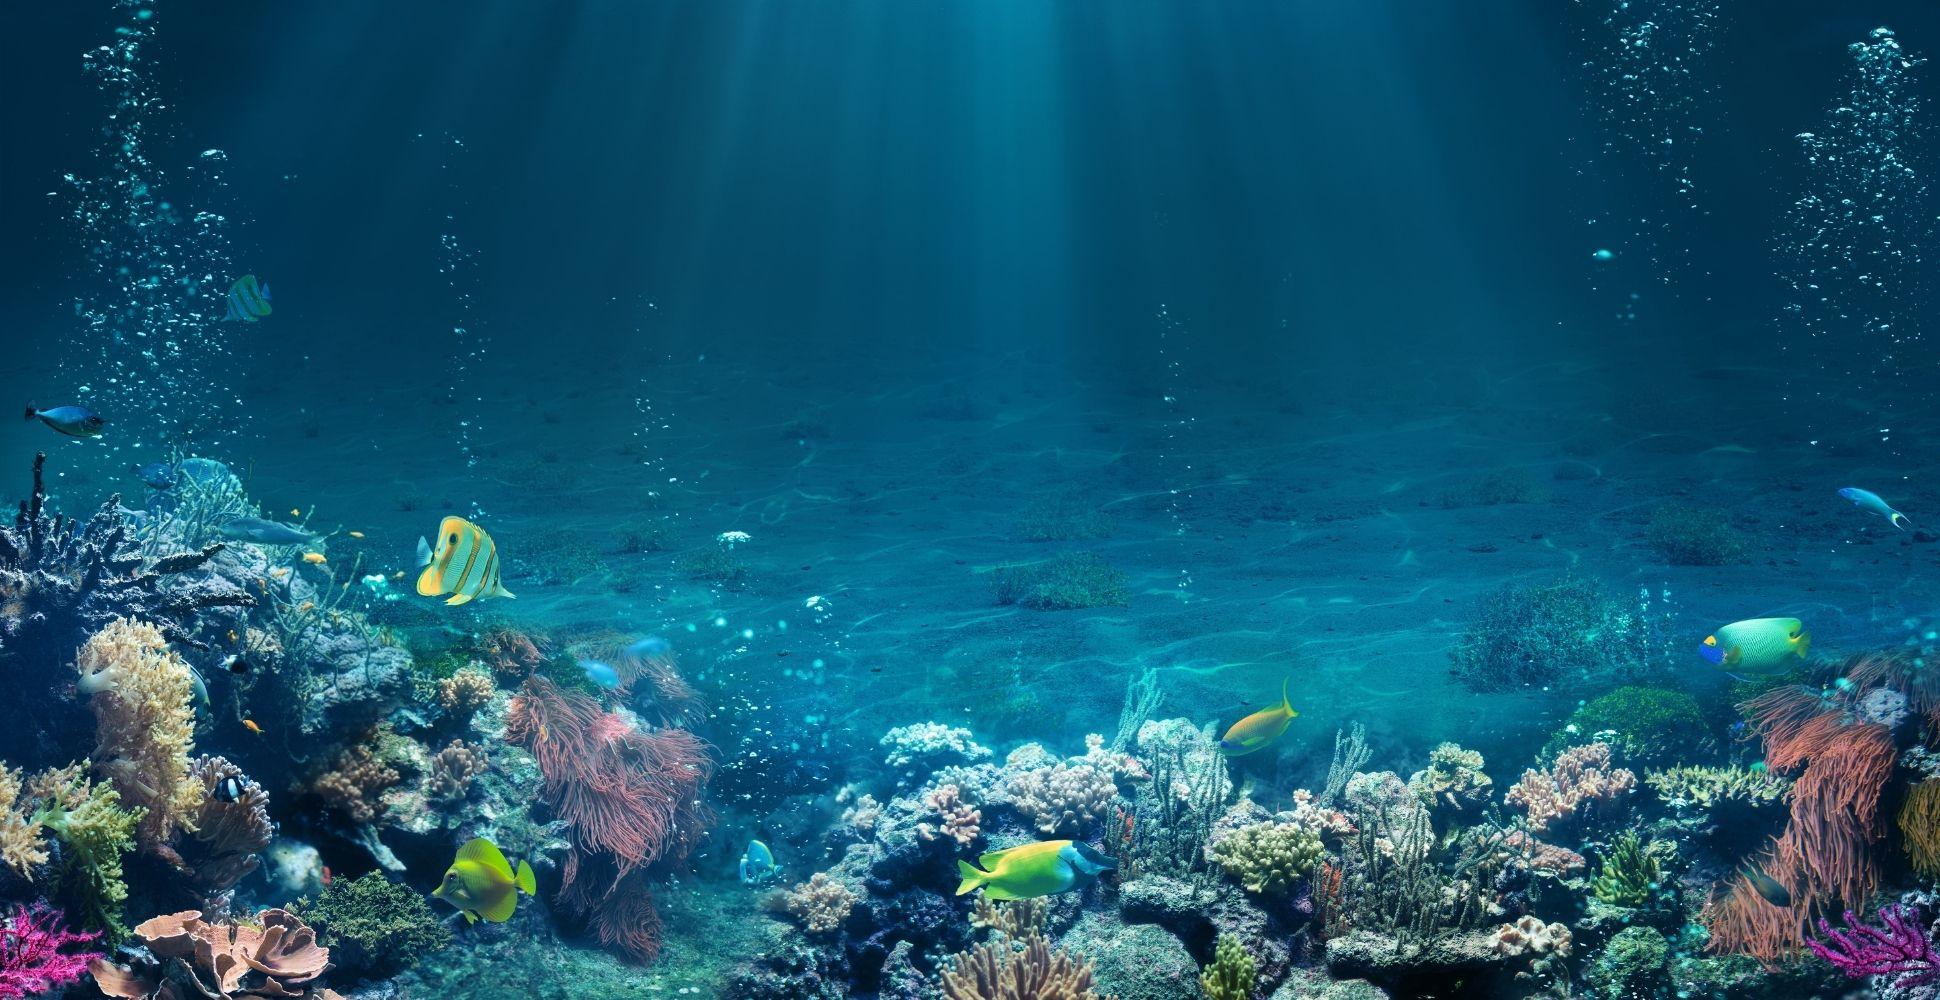 ocean-tropical-seabed